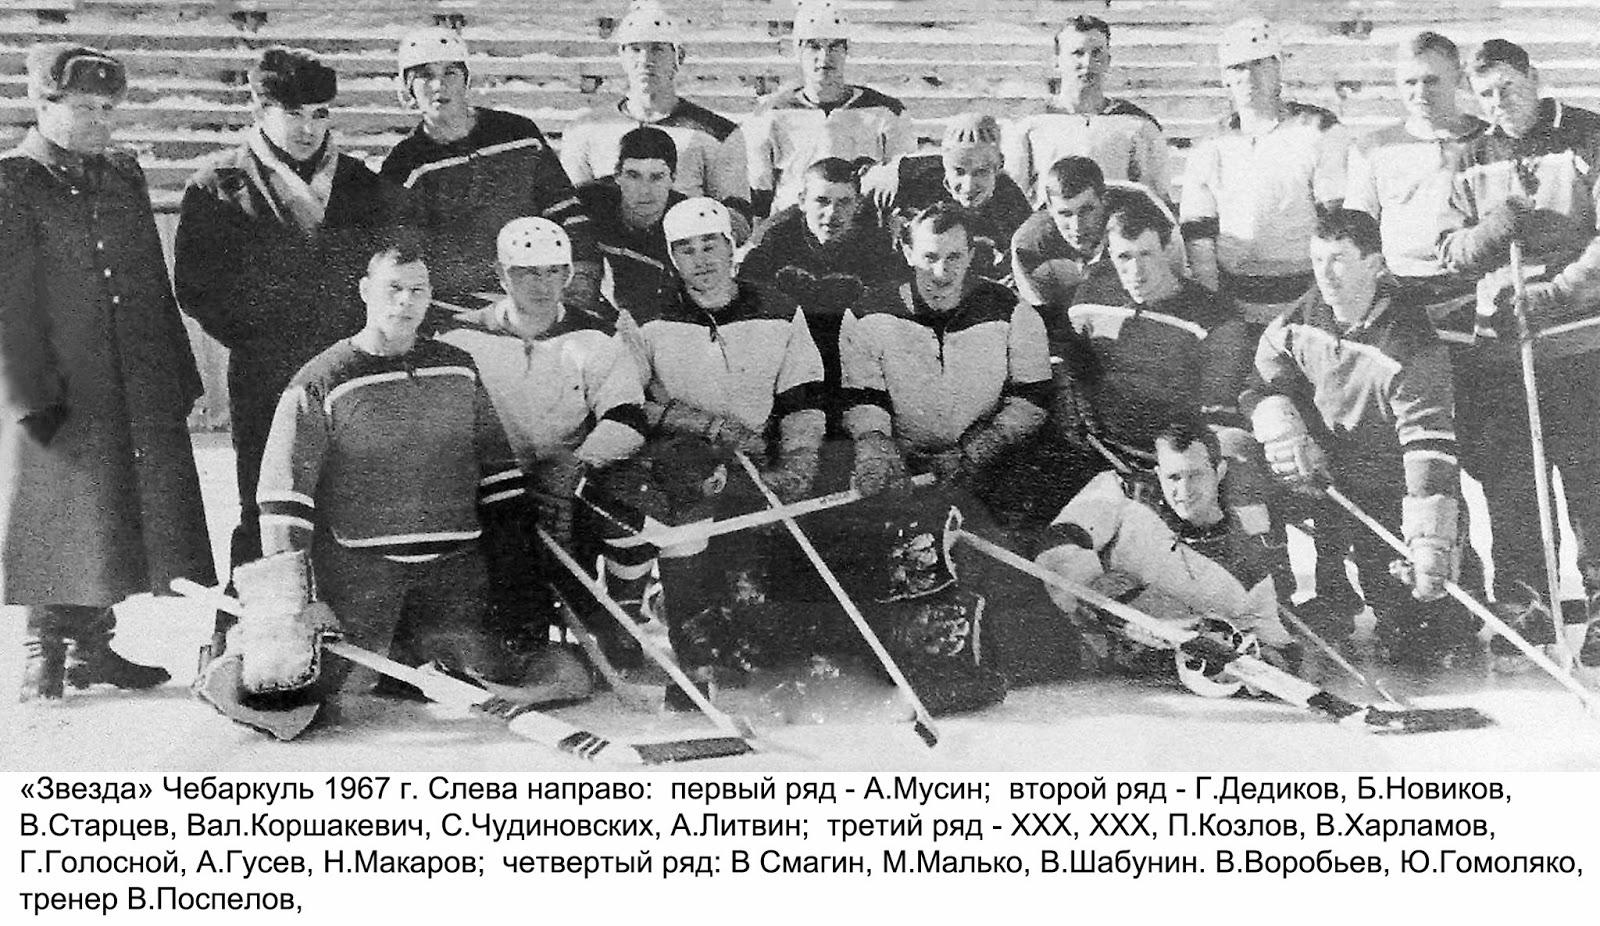 олимпиада хоккей подогнать бентли